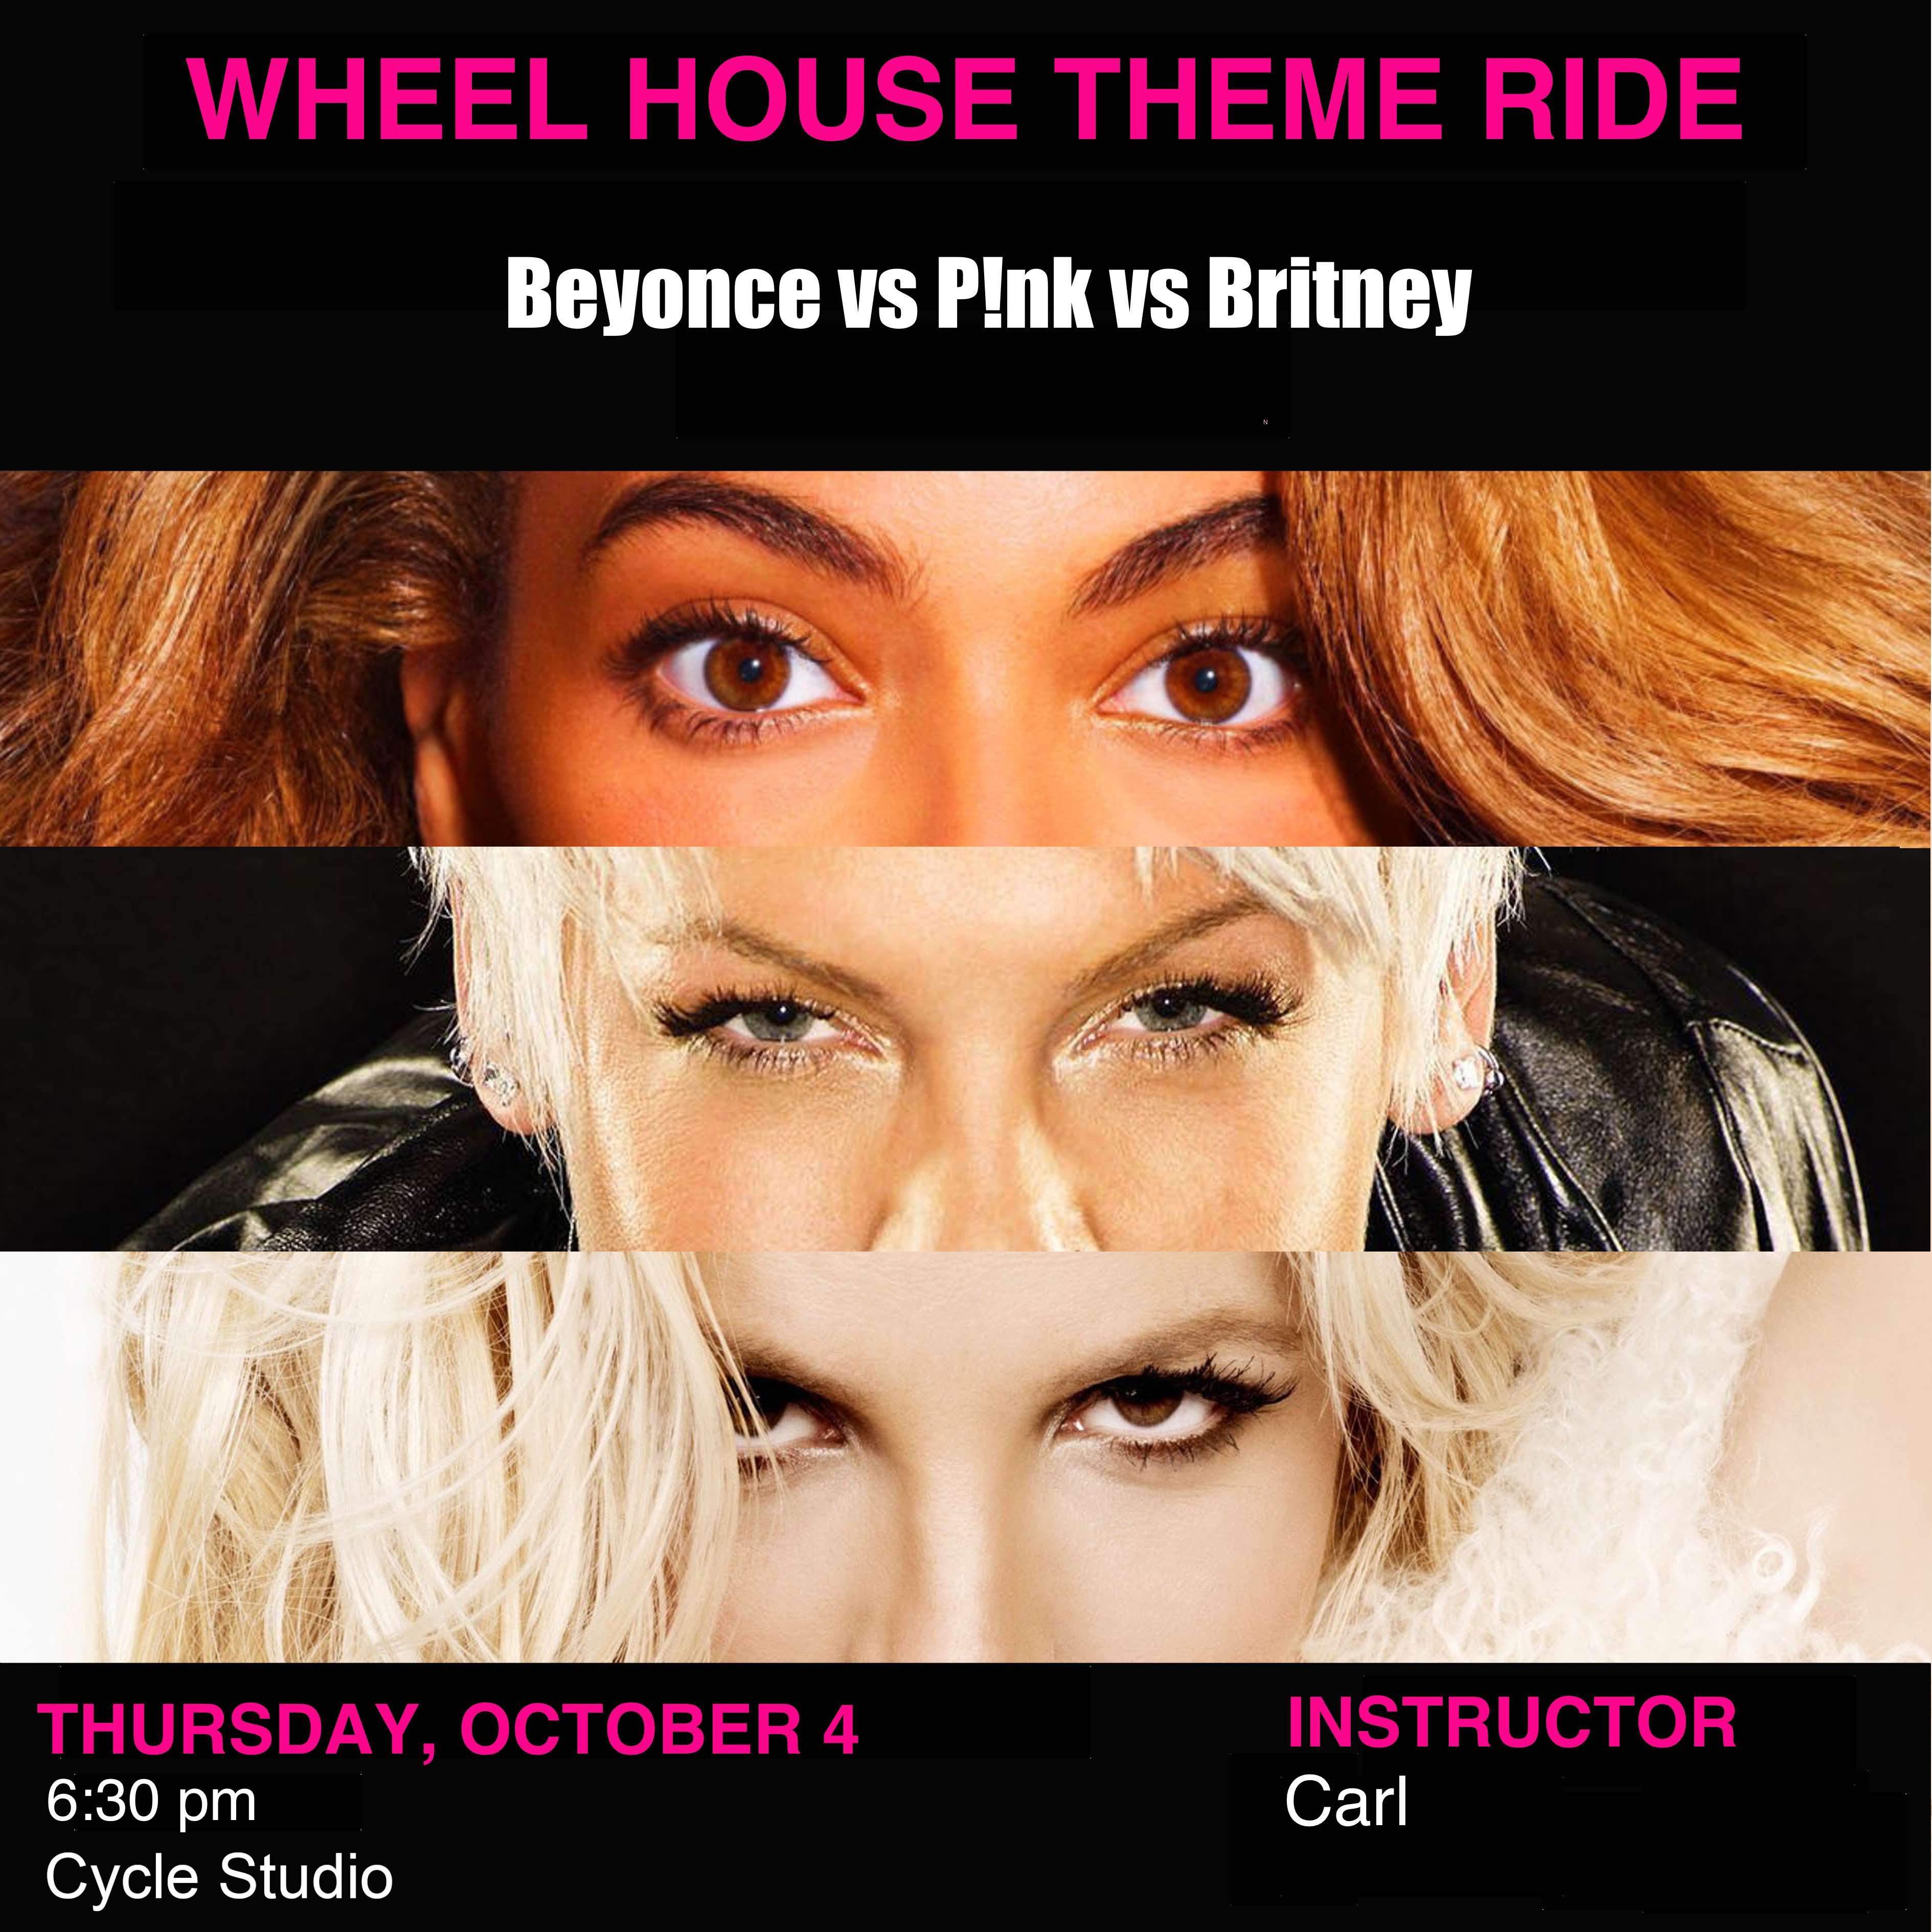 Beyonce vs P!nk vs Britney